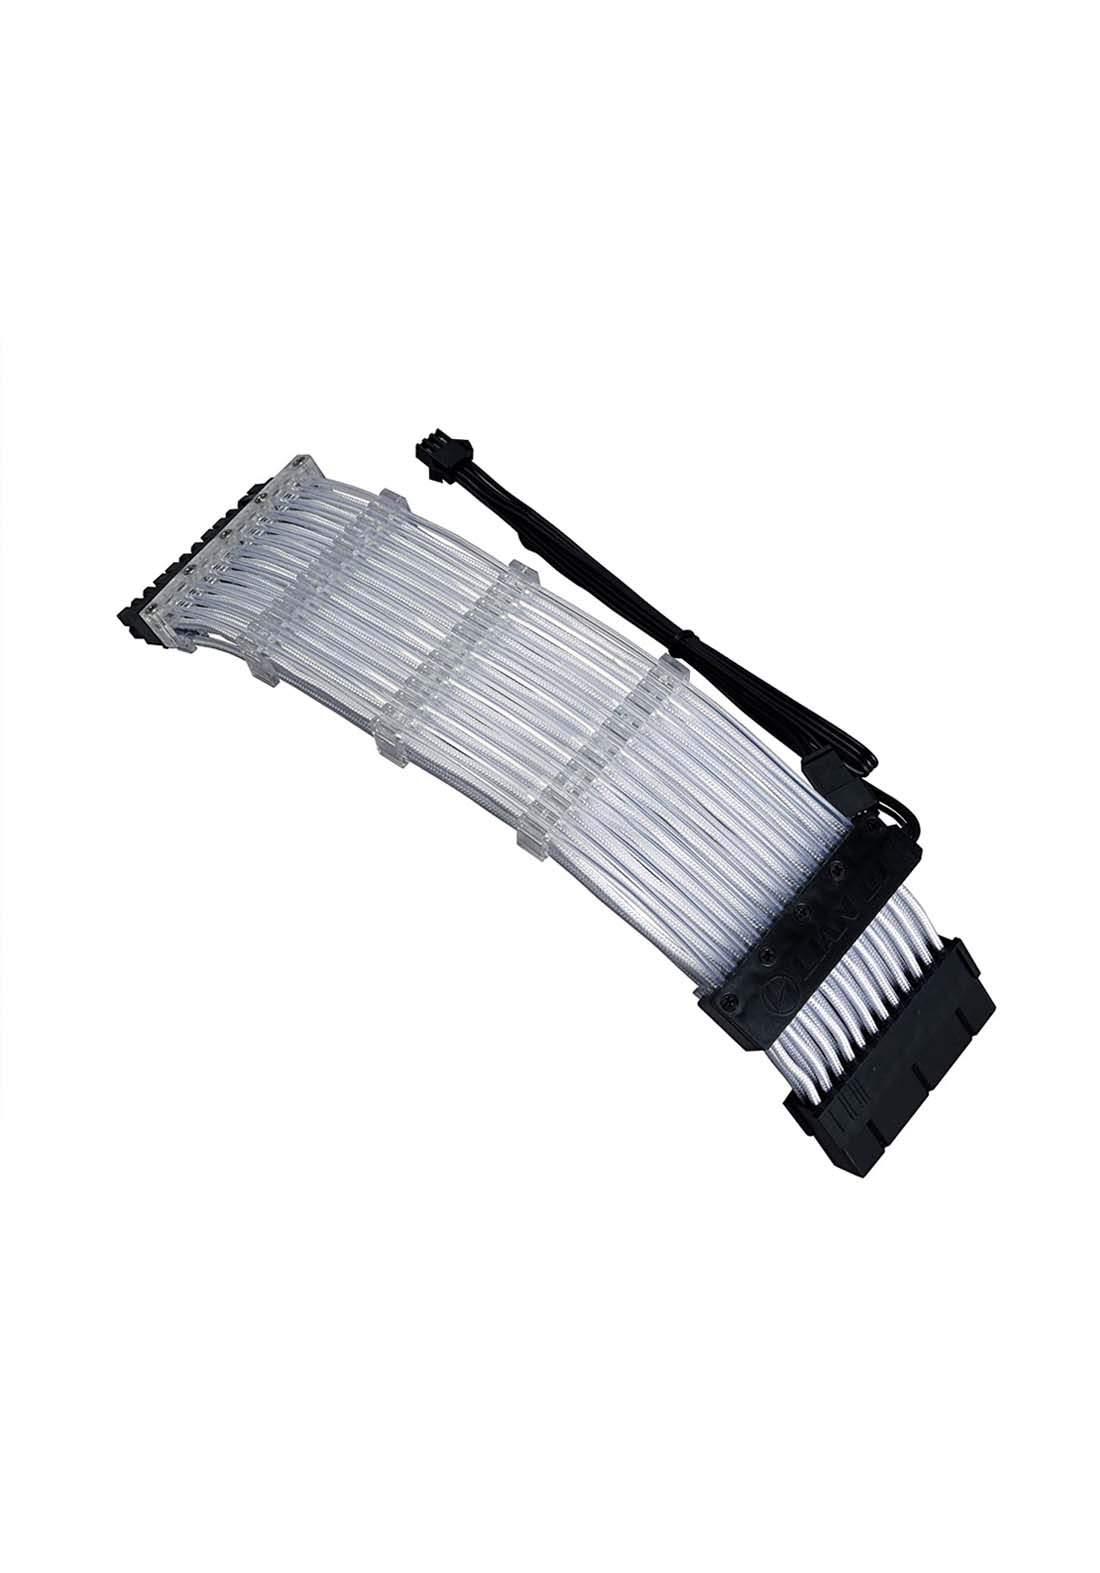 Lian Li Strimer 24 pin RGB PCIe VGA-Stromkabel  - Black كابل تمديد ليد ملون للحاسبة